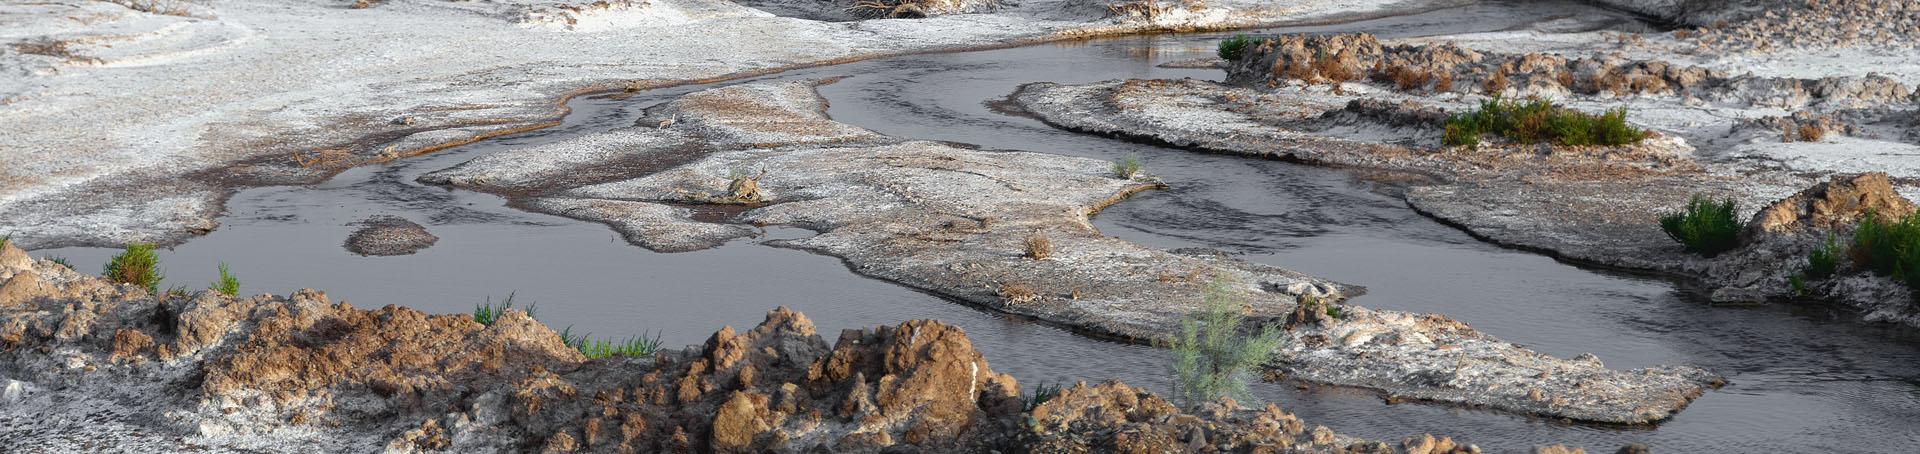 Hoze Marreh Wetland-Qom_Province